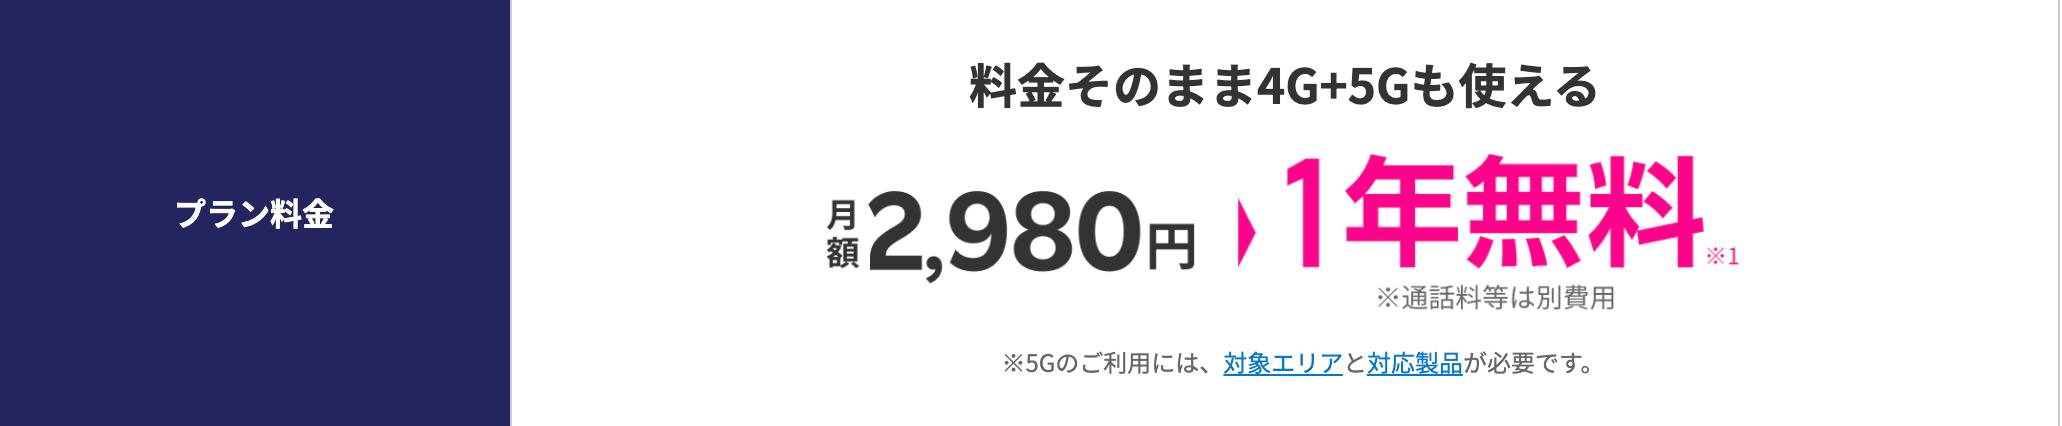 楽天モバイルの料金1年間無料キャンペーン